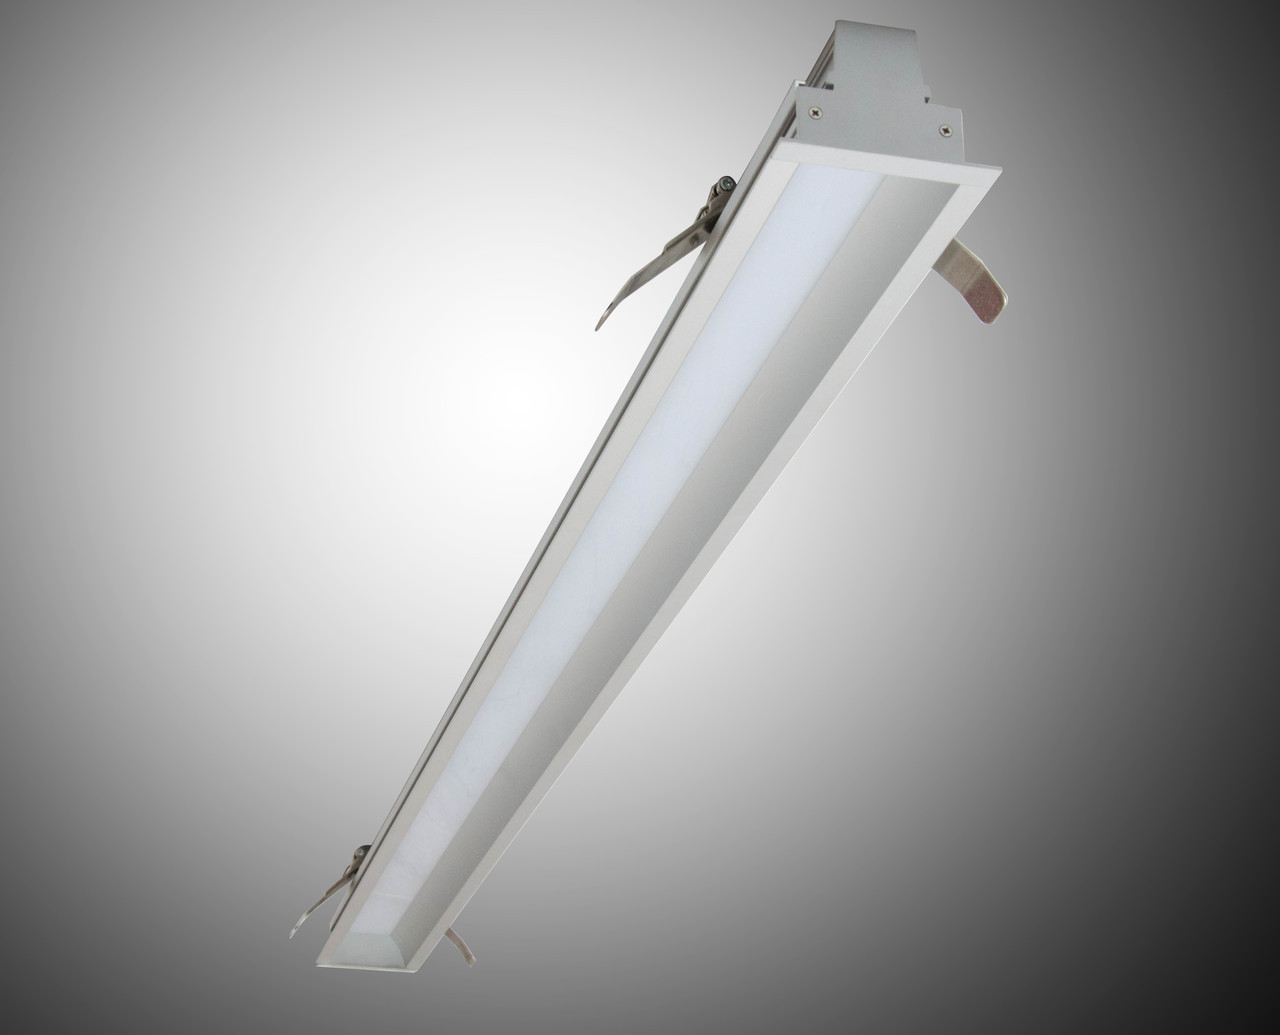 Линейный светильник встраиваемый VL-Proline-P LED 80W 3000К 60°